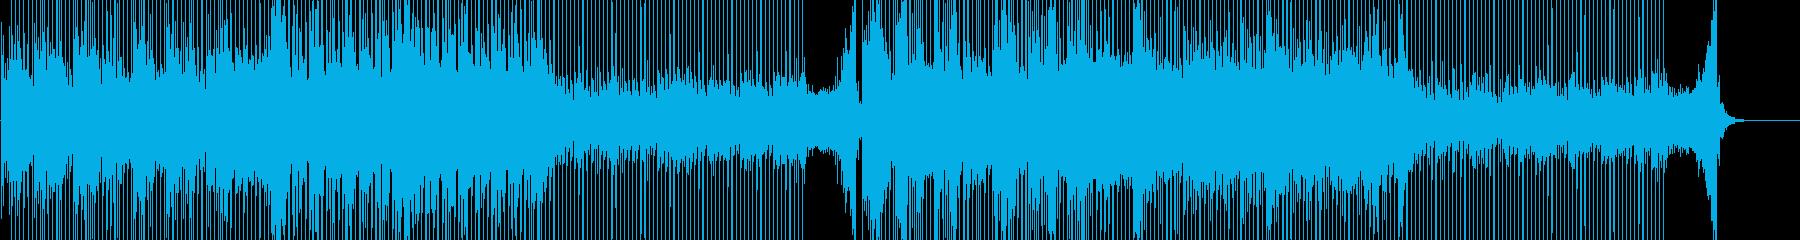 透明感&前向き&感動的なギターポップス曲の再生済みの波形